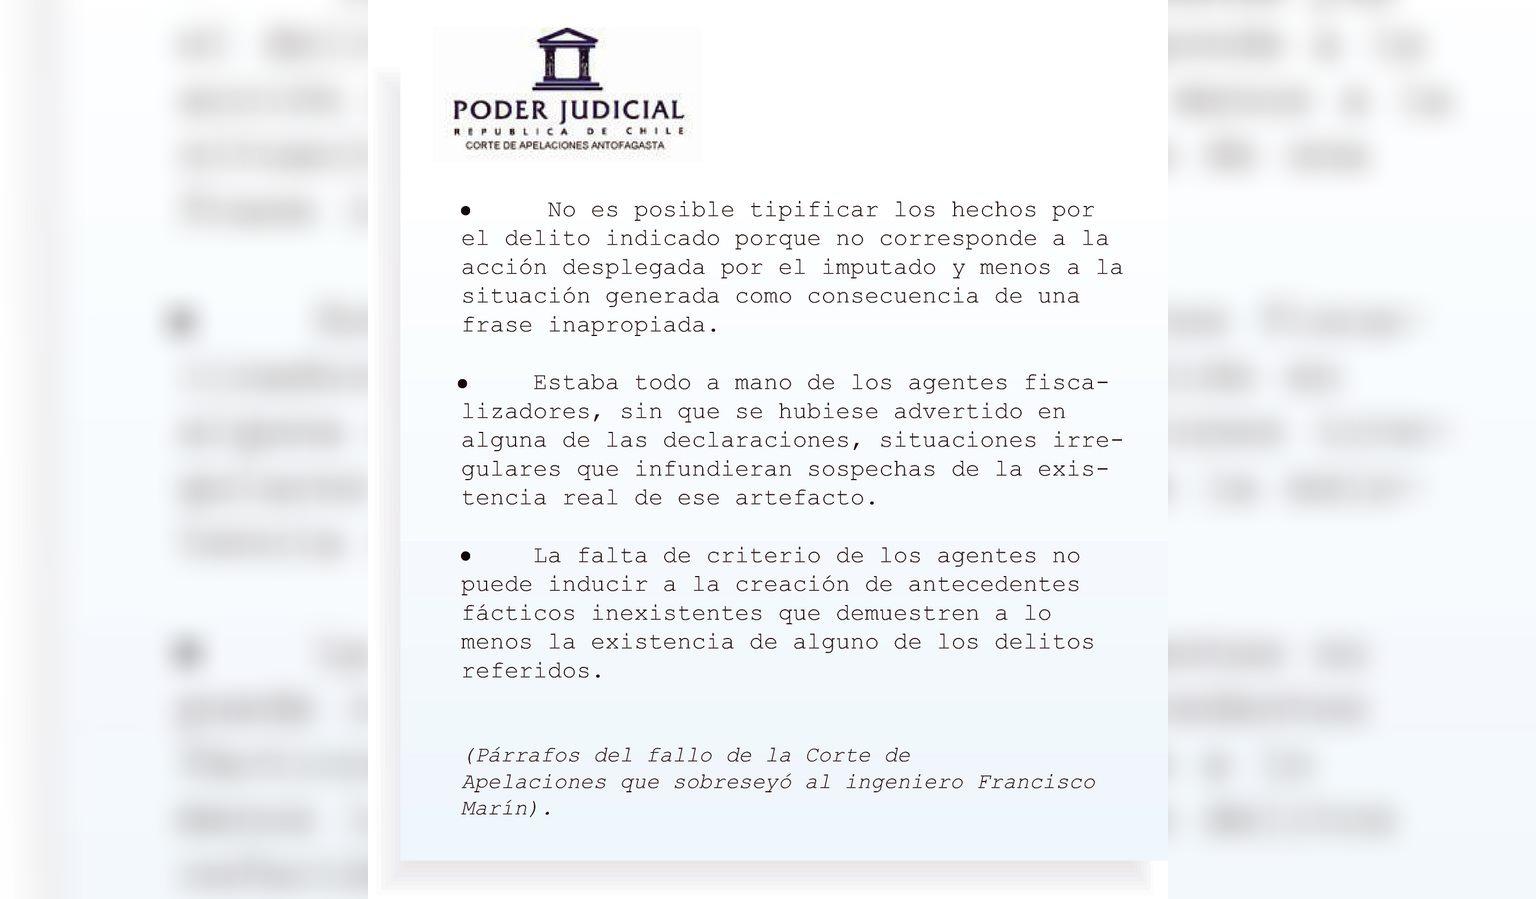 La Segunda Sala de la Corte de Apelaciones de Antofagasta dispuso el sobreseimiento definitivo